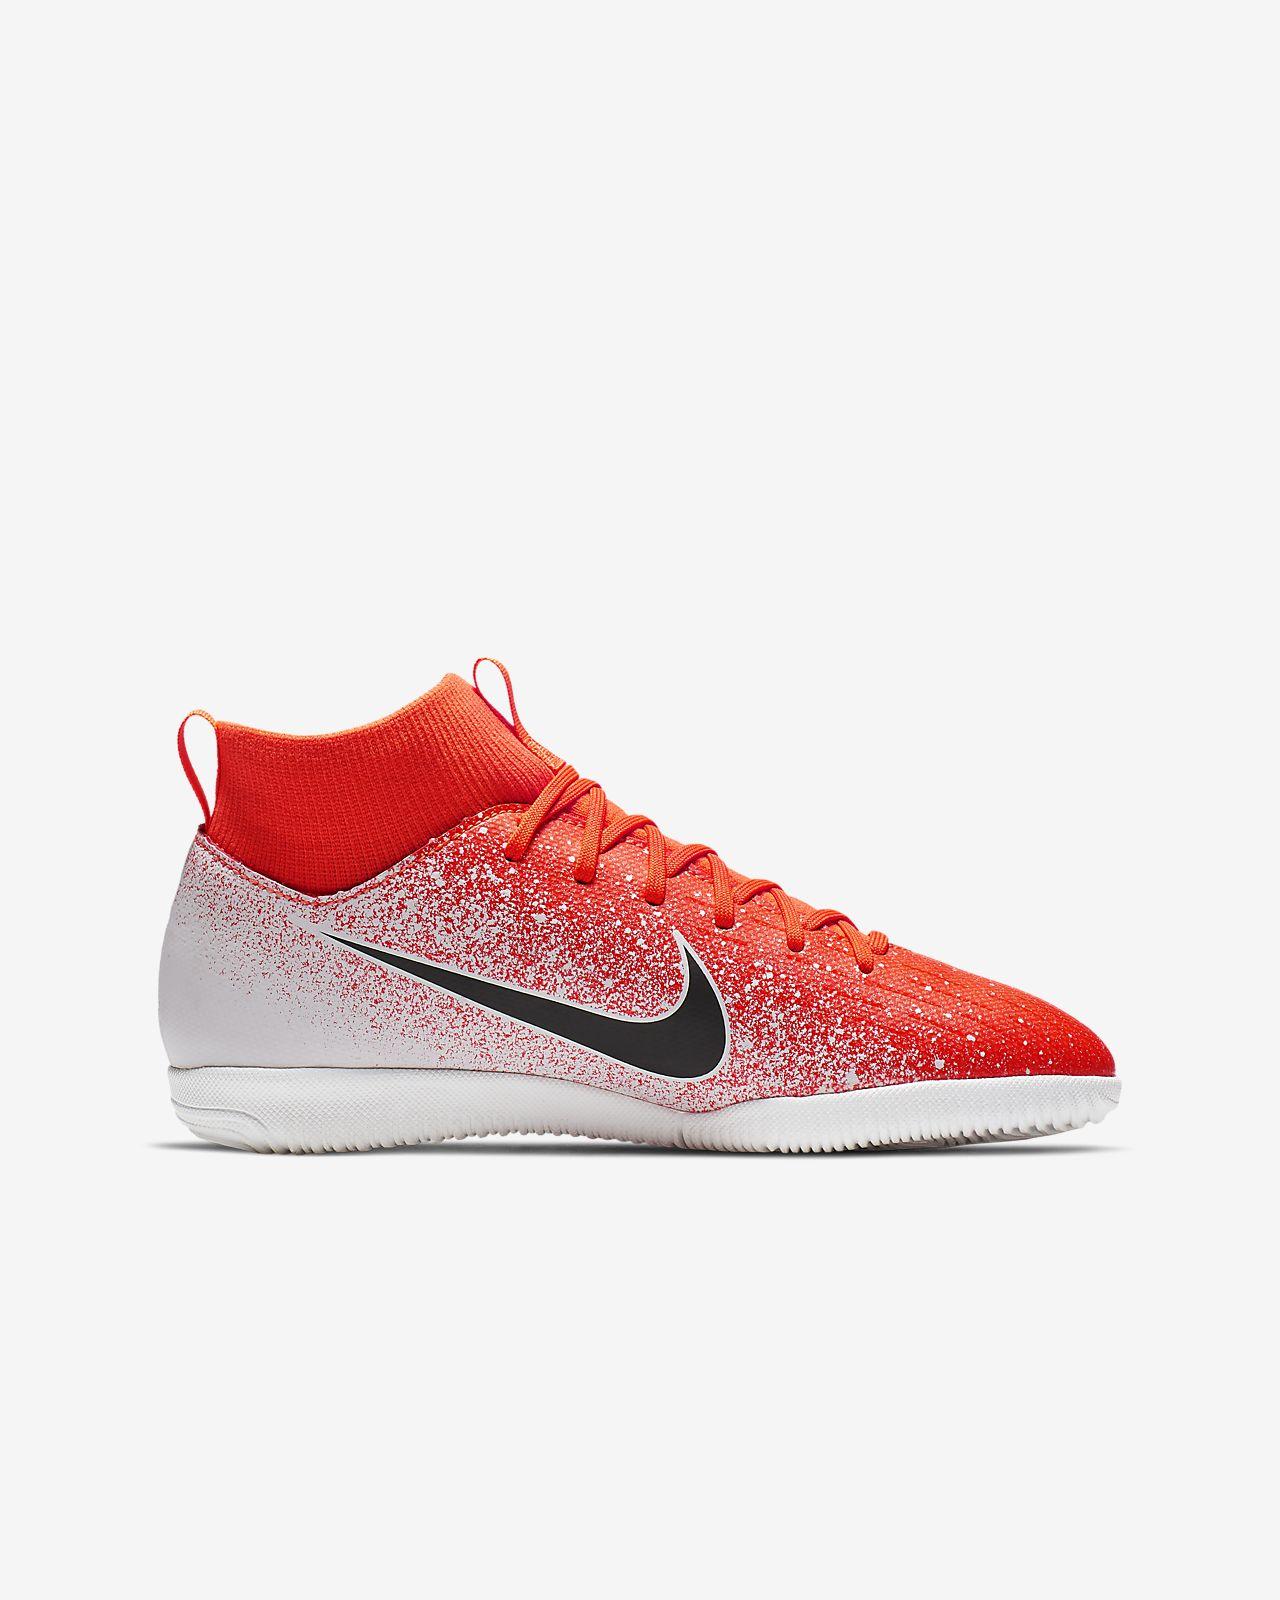 official photos 86c70 b02a9 ... Nike Jr. SuperflyX 6 Academy IC-fodboldstøvle til små/store børn til  indendørs